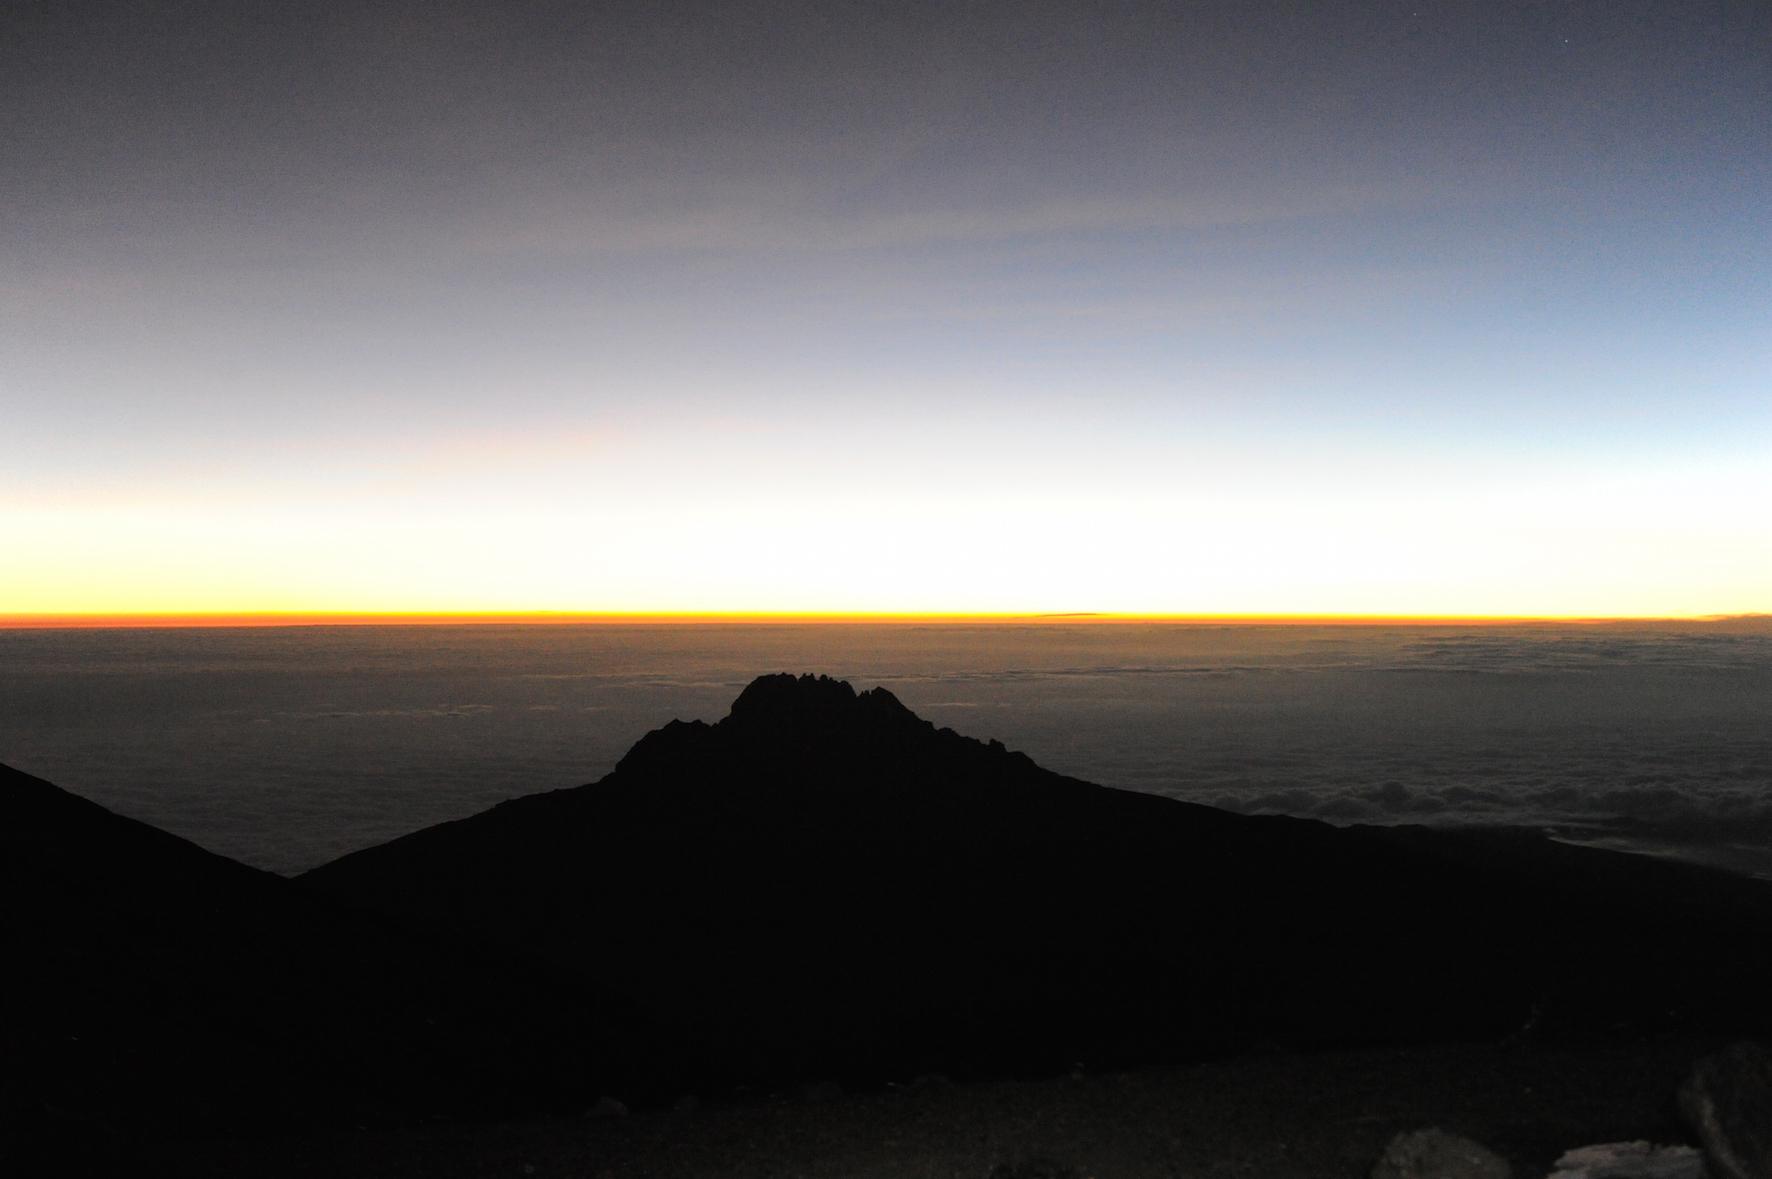 kilimanjaro-pa-toppen-soluppgang-edh